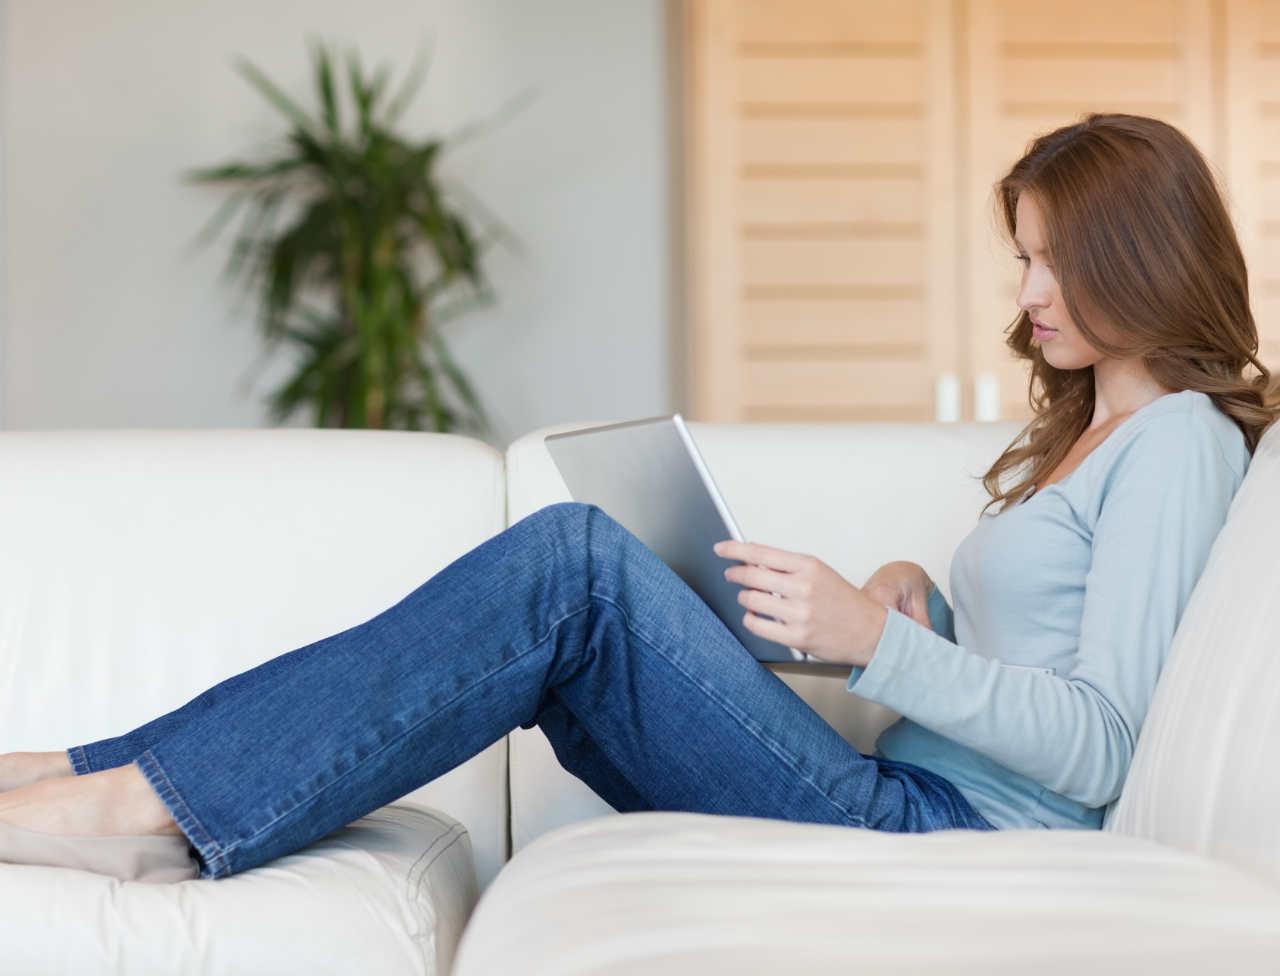 Как узнать налог на имущество физических лиц через интернет